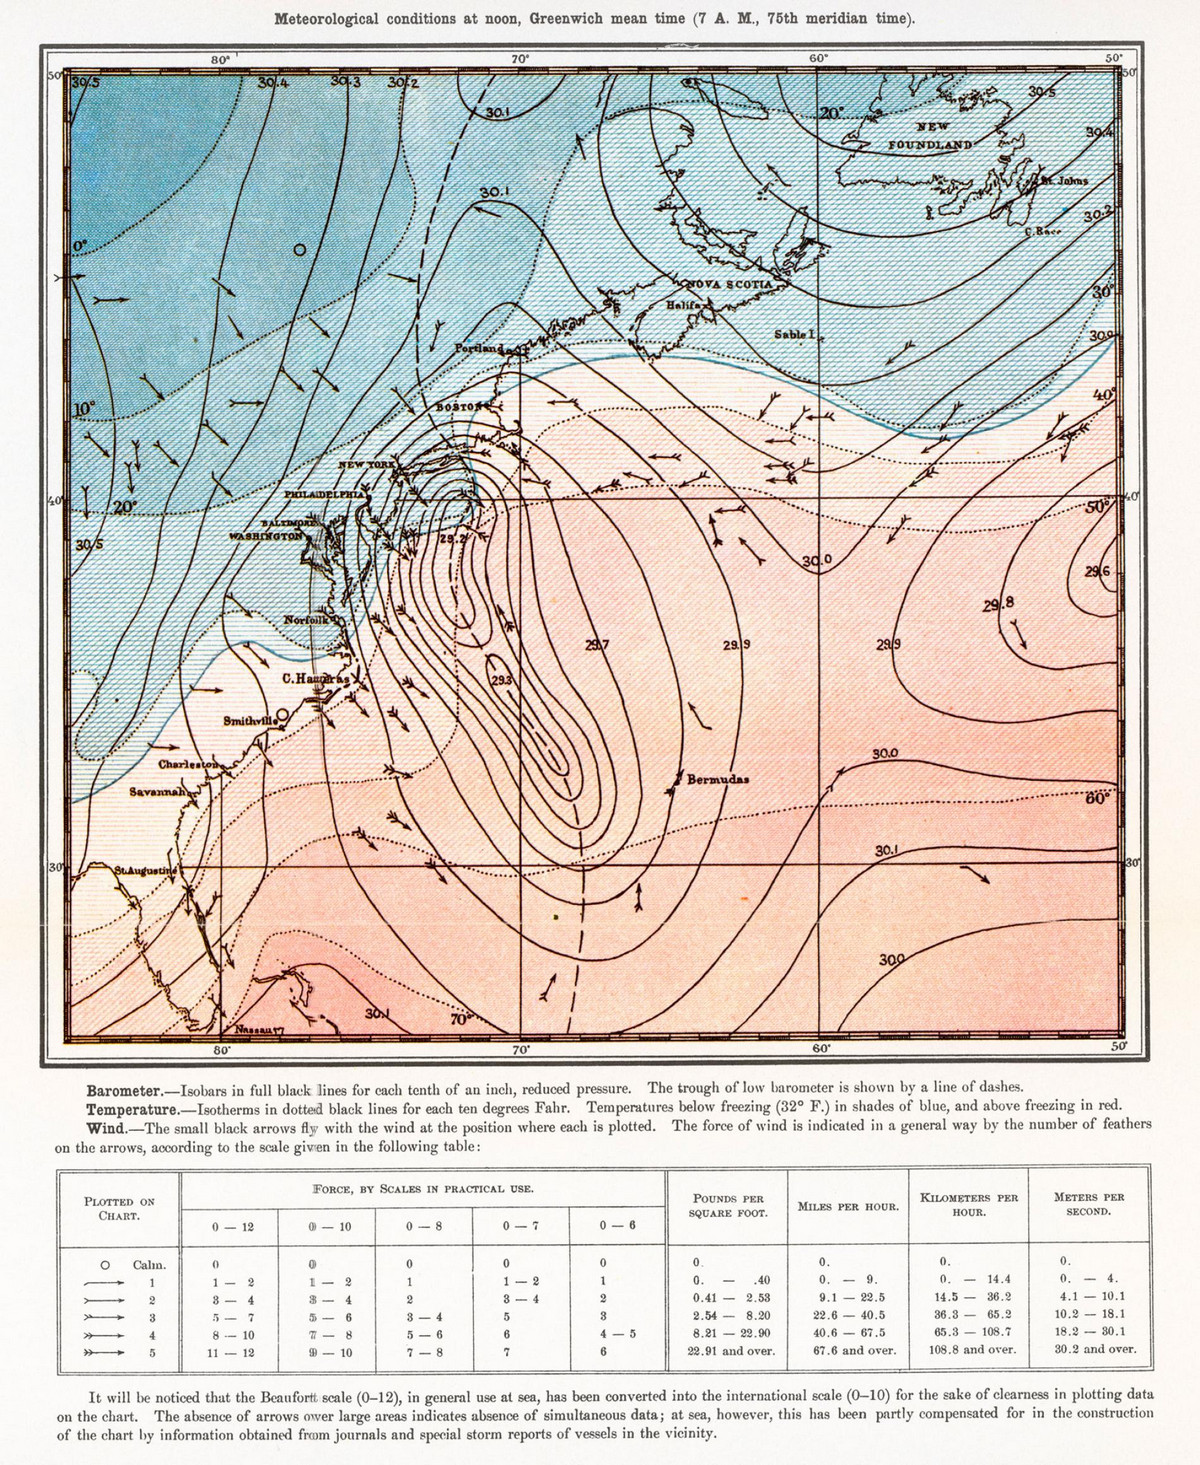 National Geographic оцифровал свою коллекцию карт за 130 лет. От карт звёзд до океанского дна  5